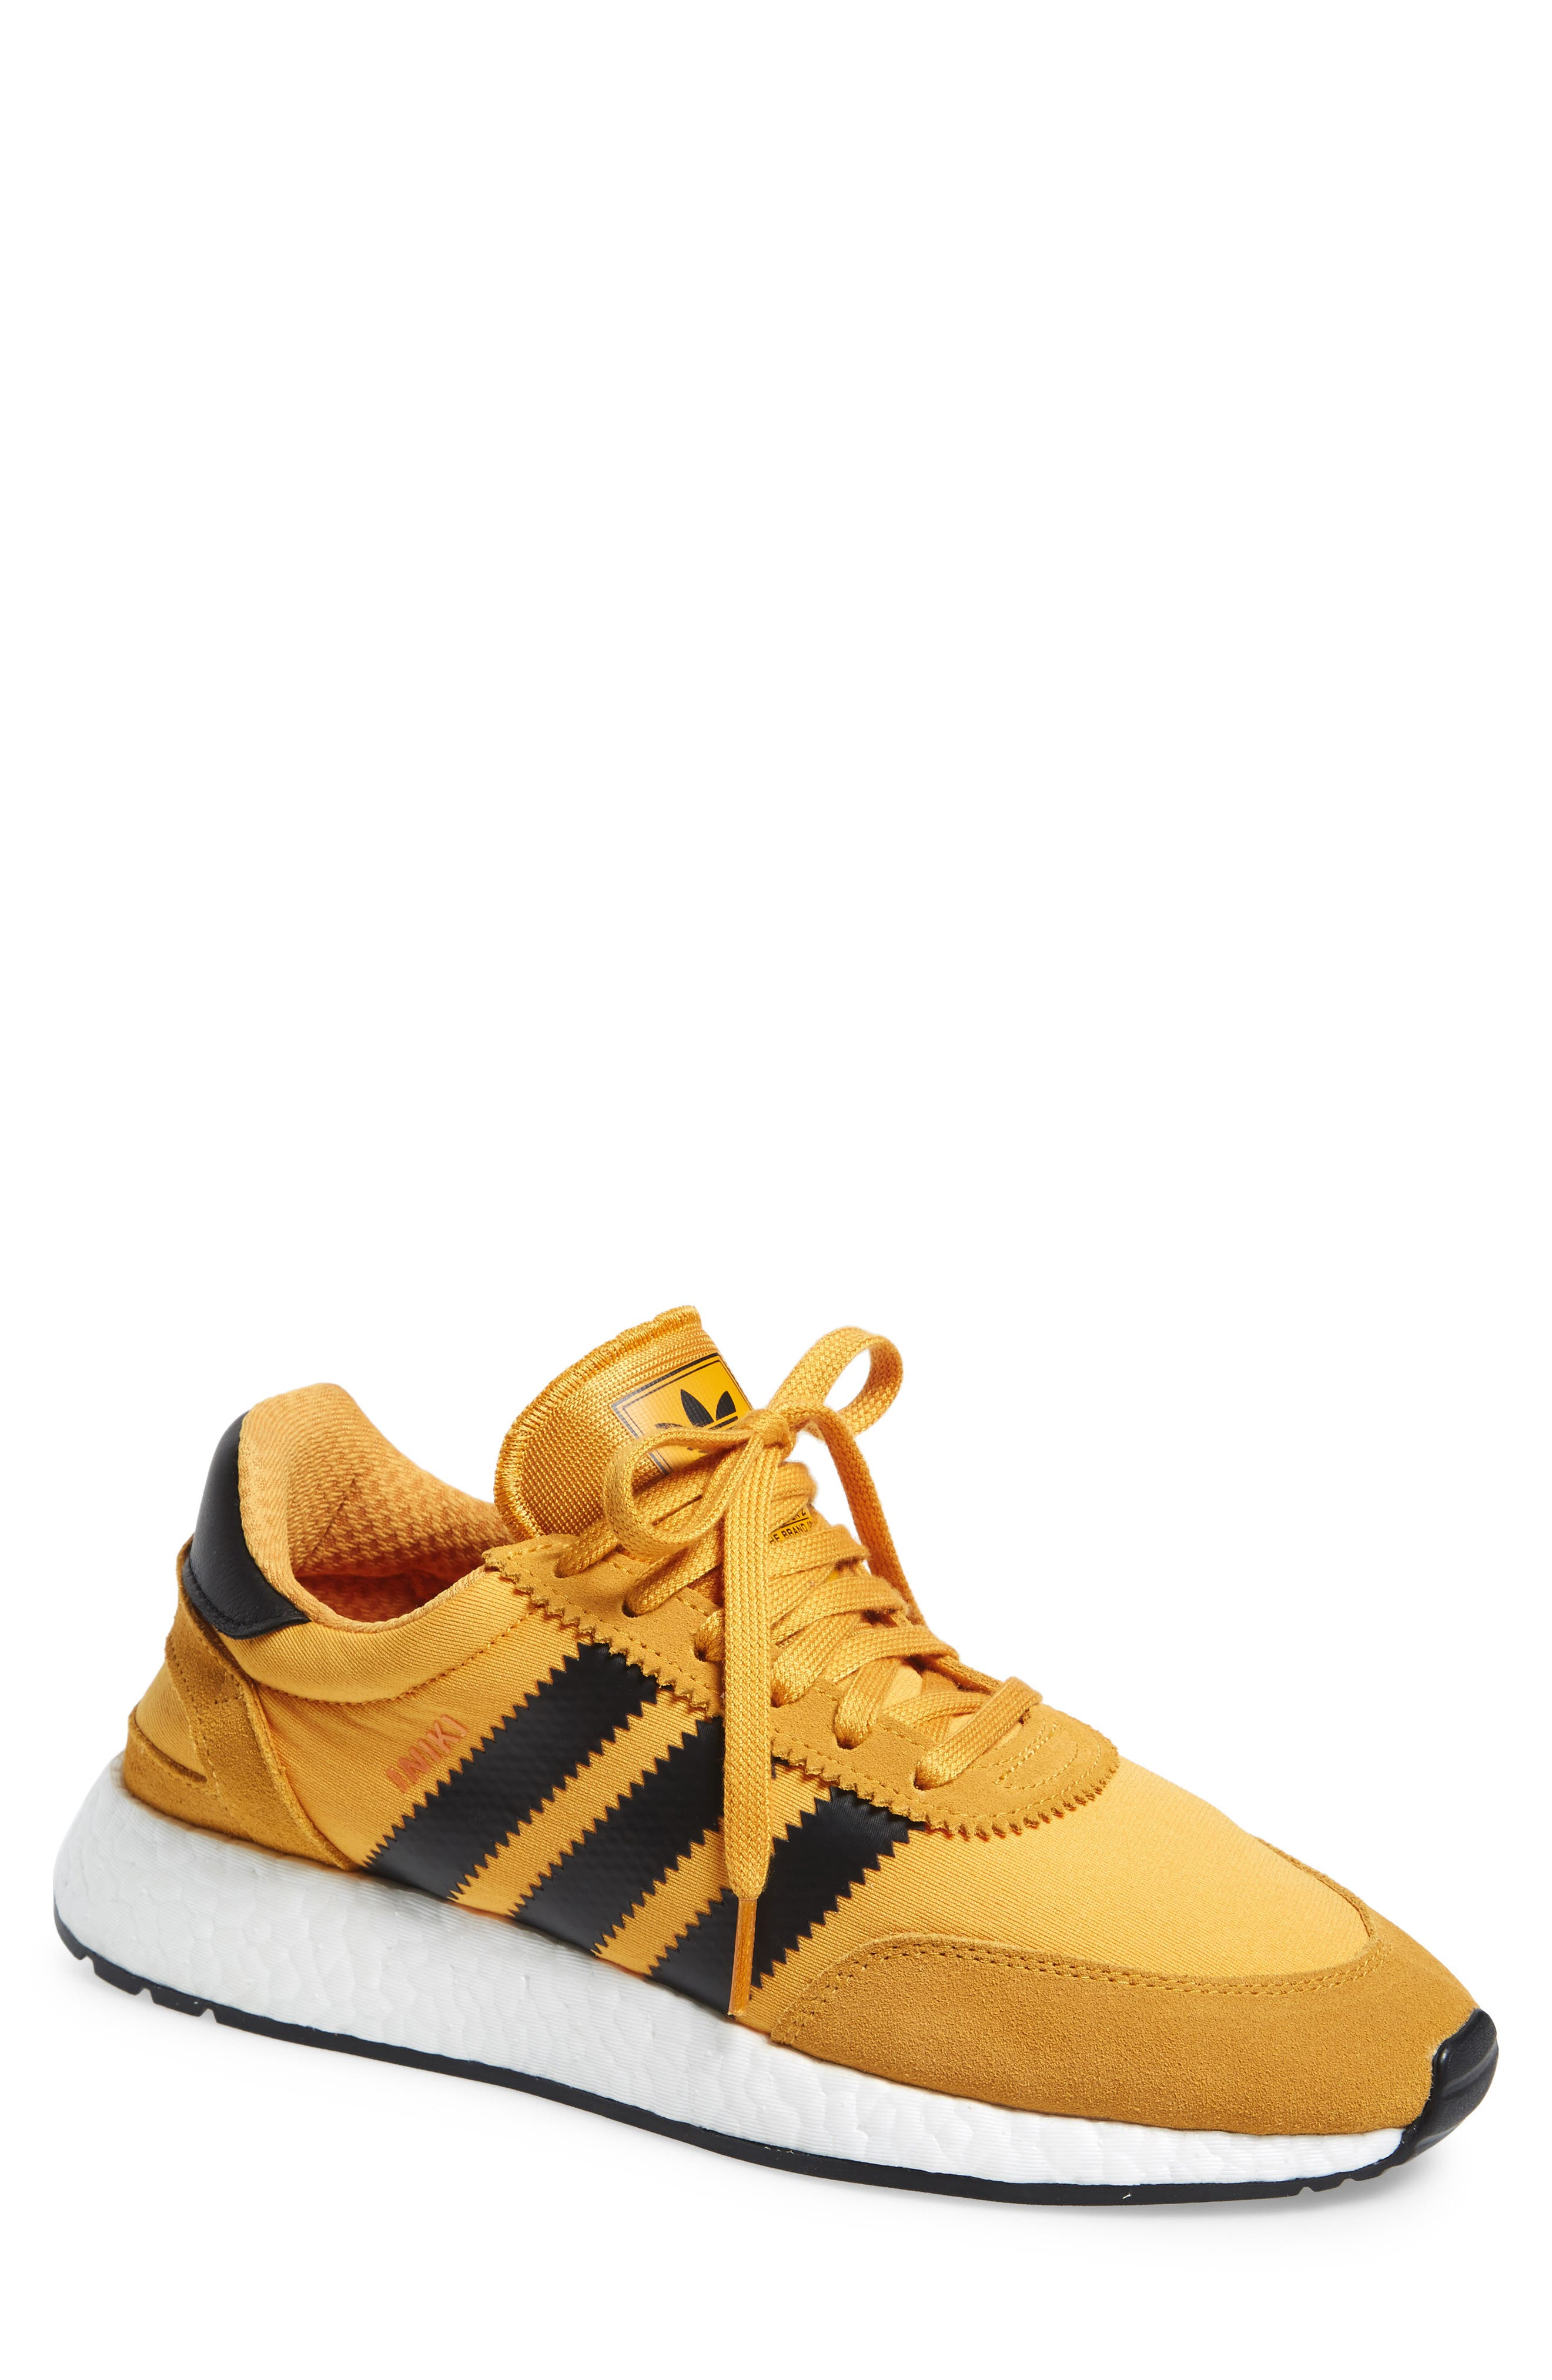 I-5923 Sneaker,                             Main thumbnail 1, color,                             Tactile Yellow/ Black/ White